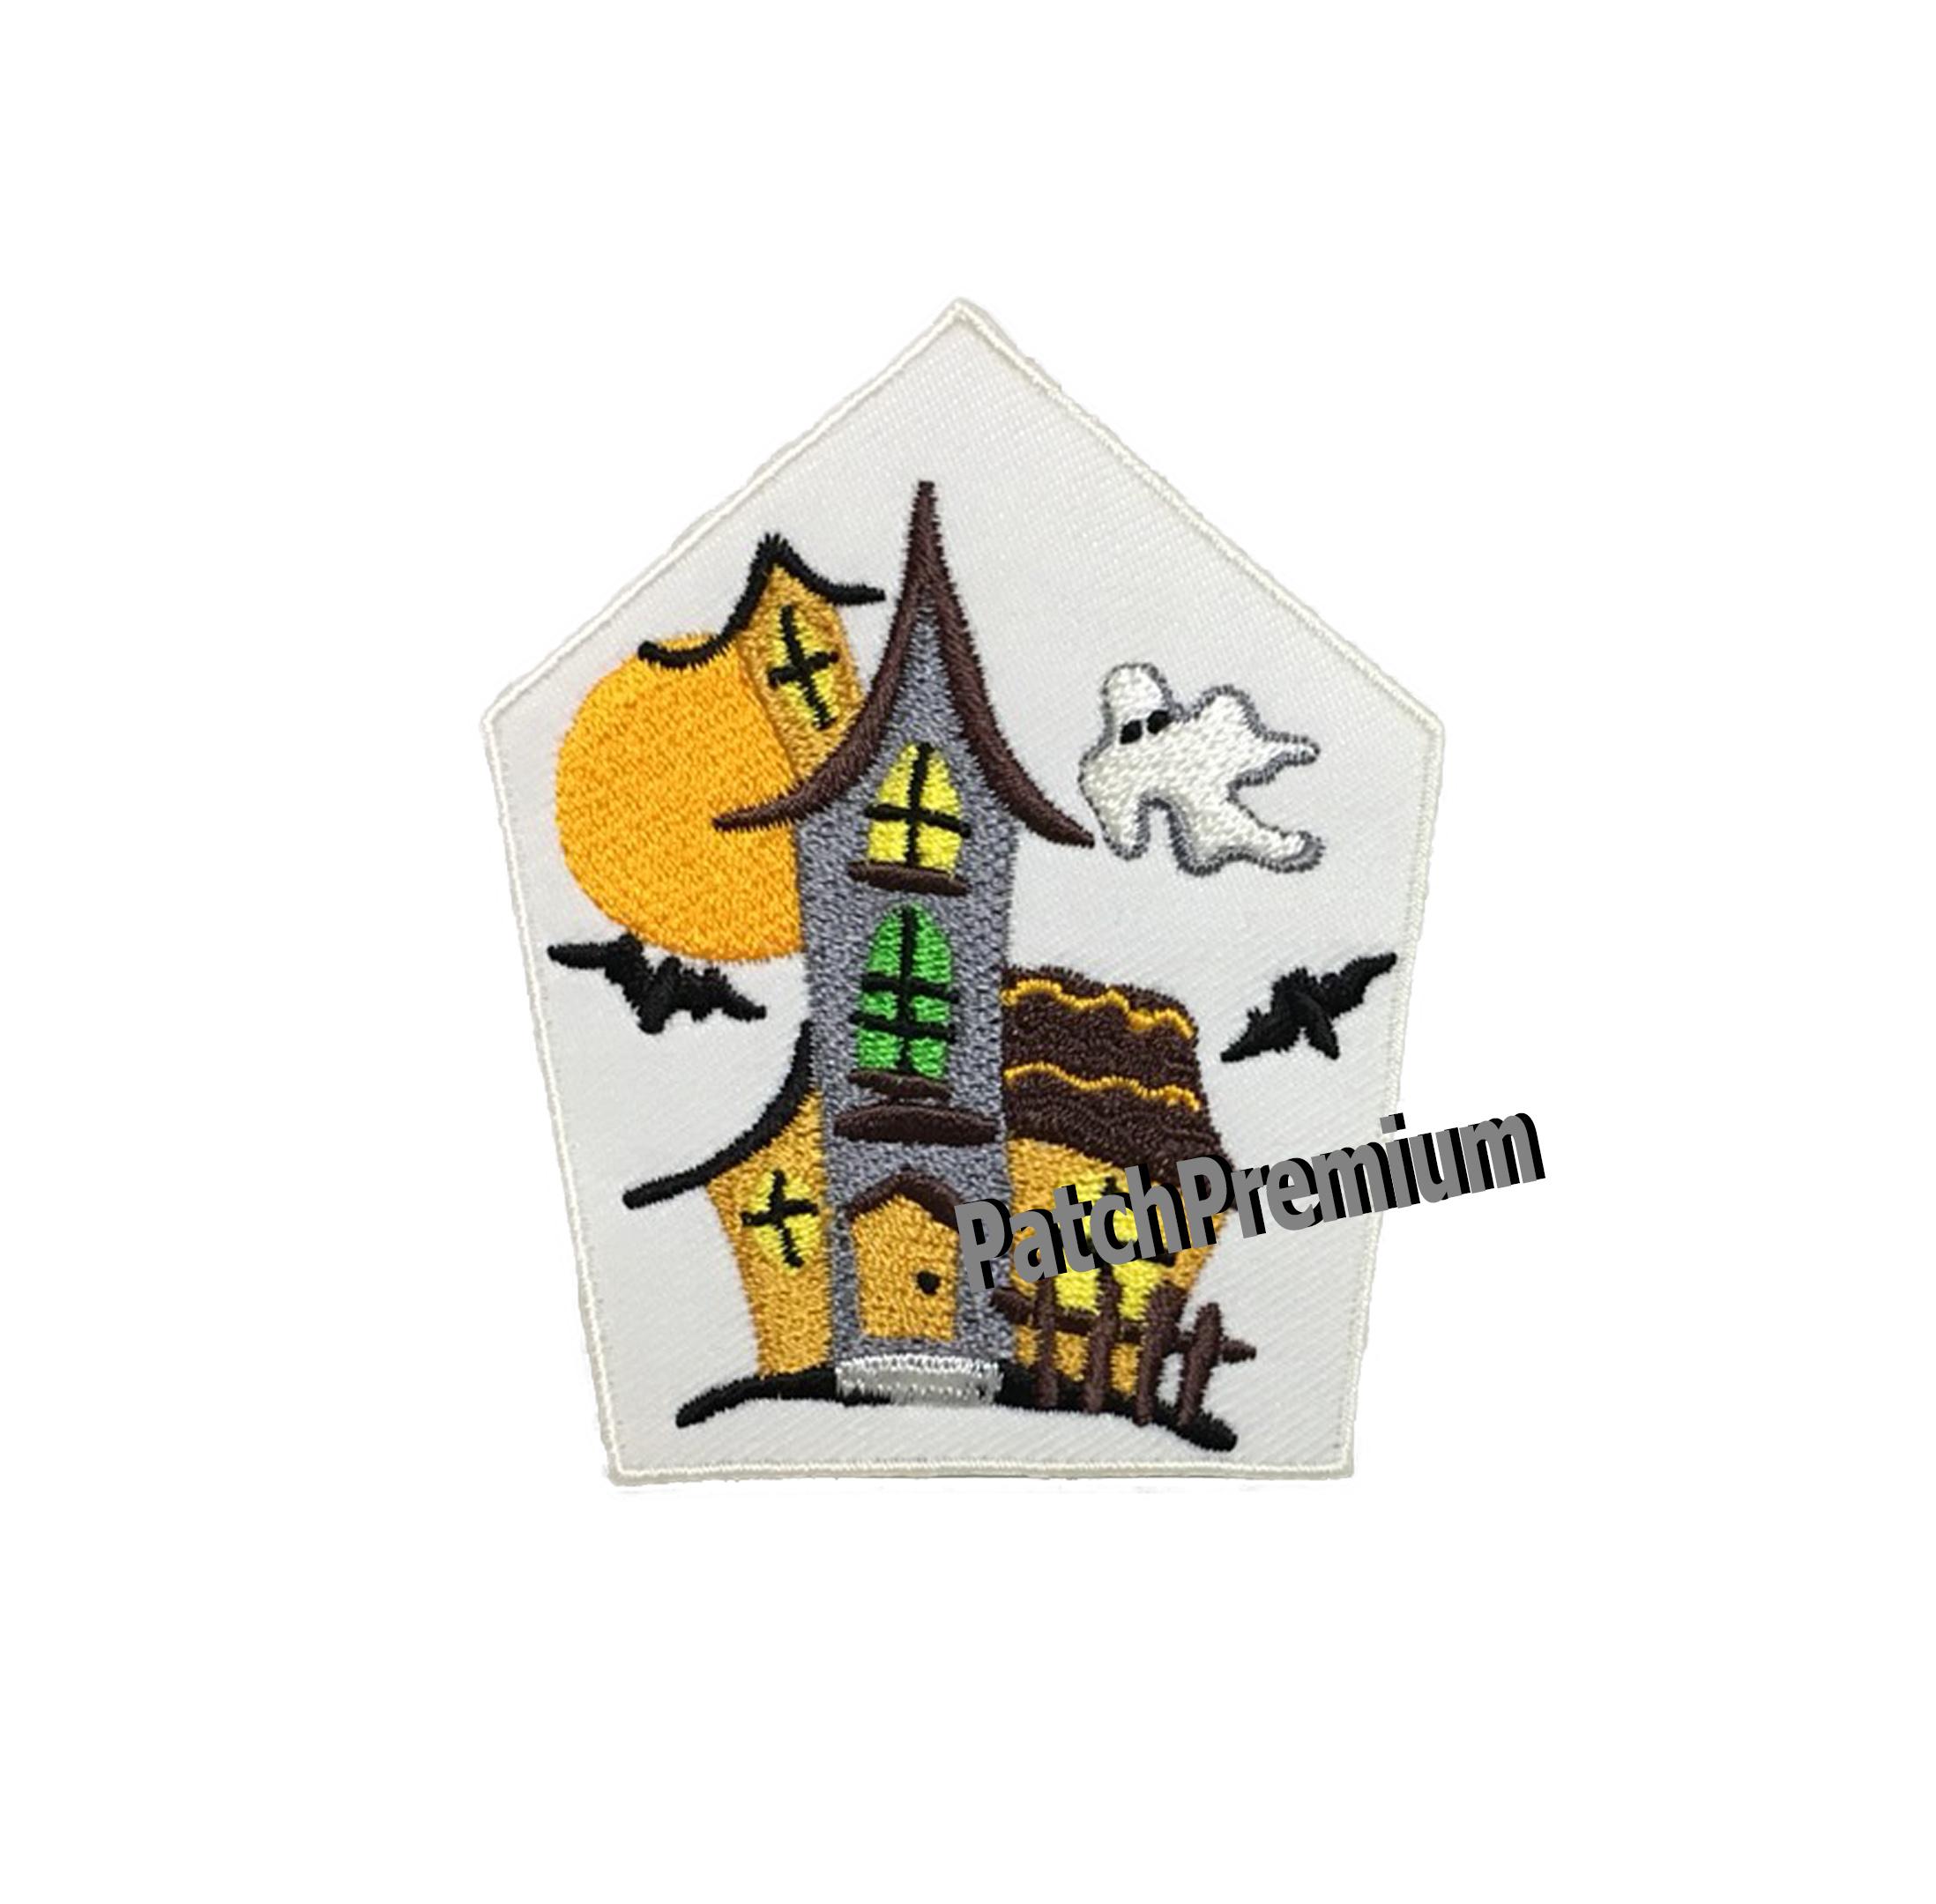 บ้านผีสิง - ตัวรีด (Size M)